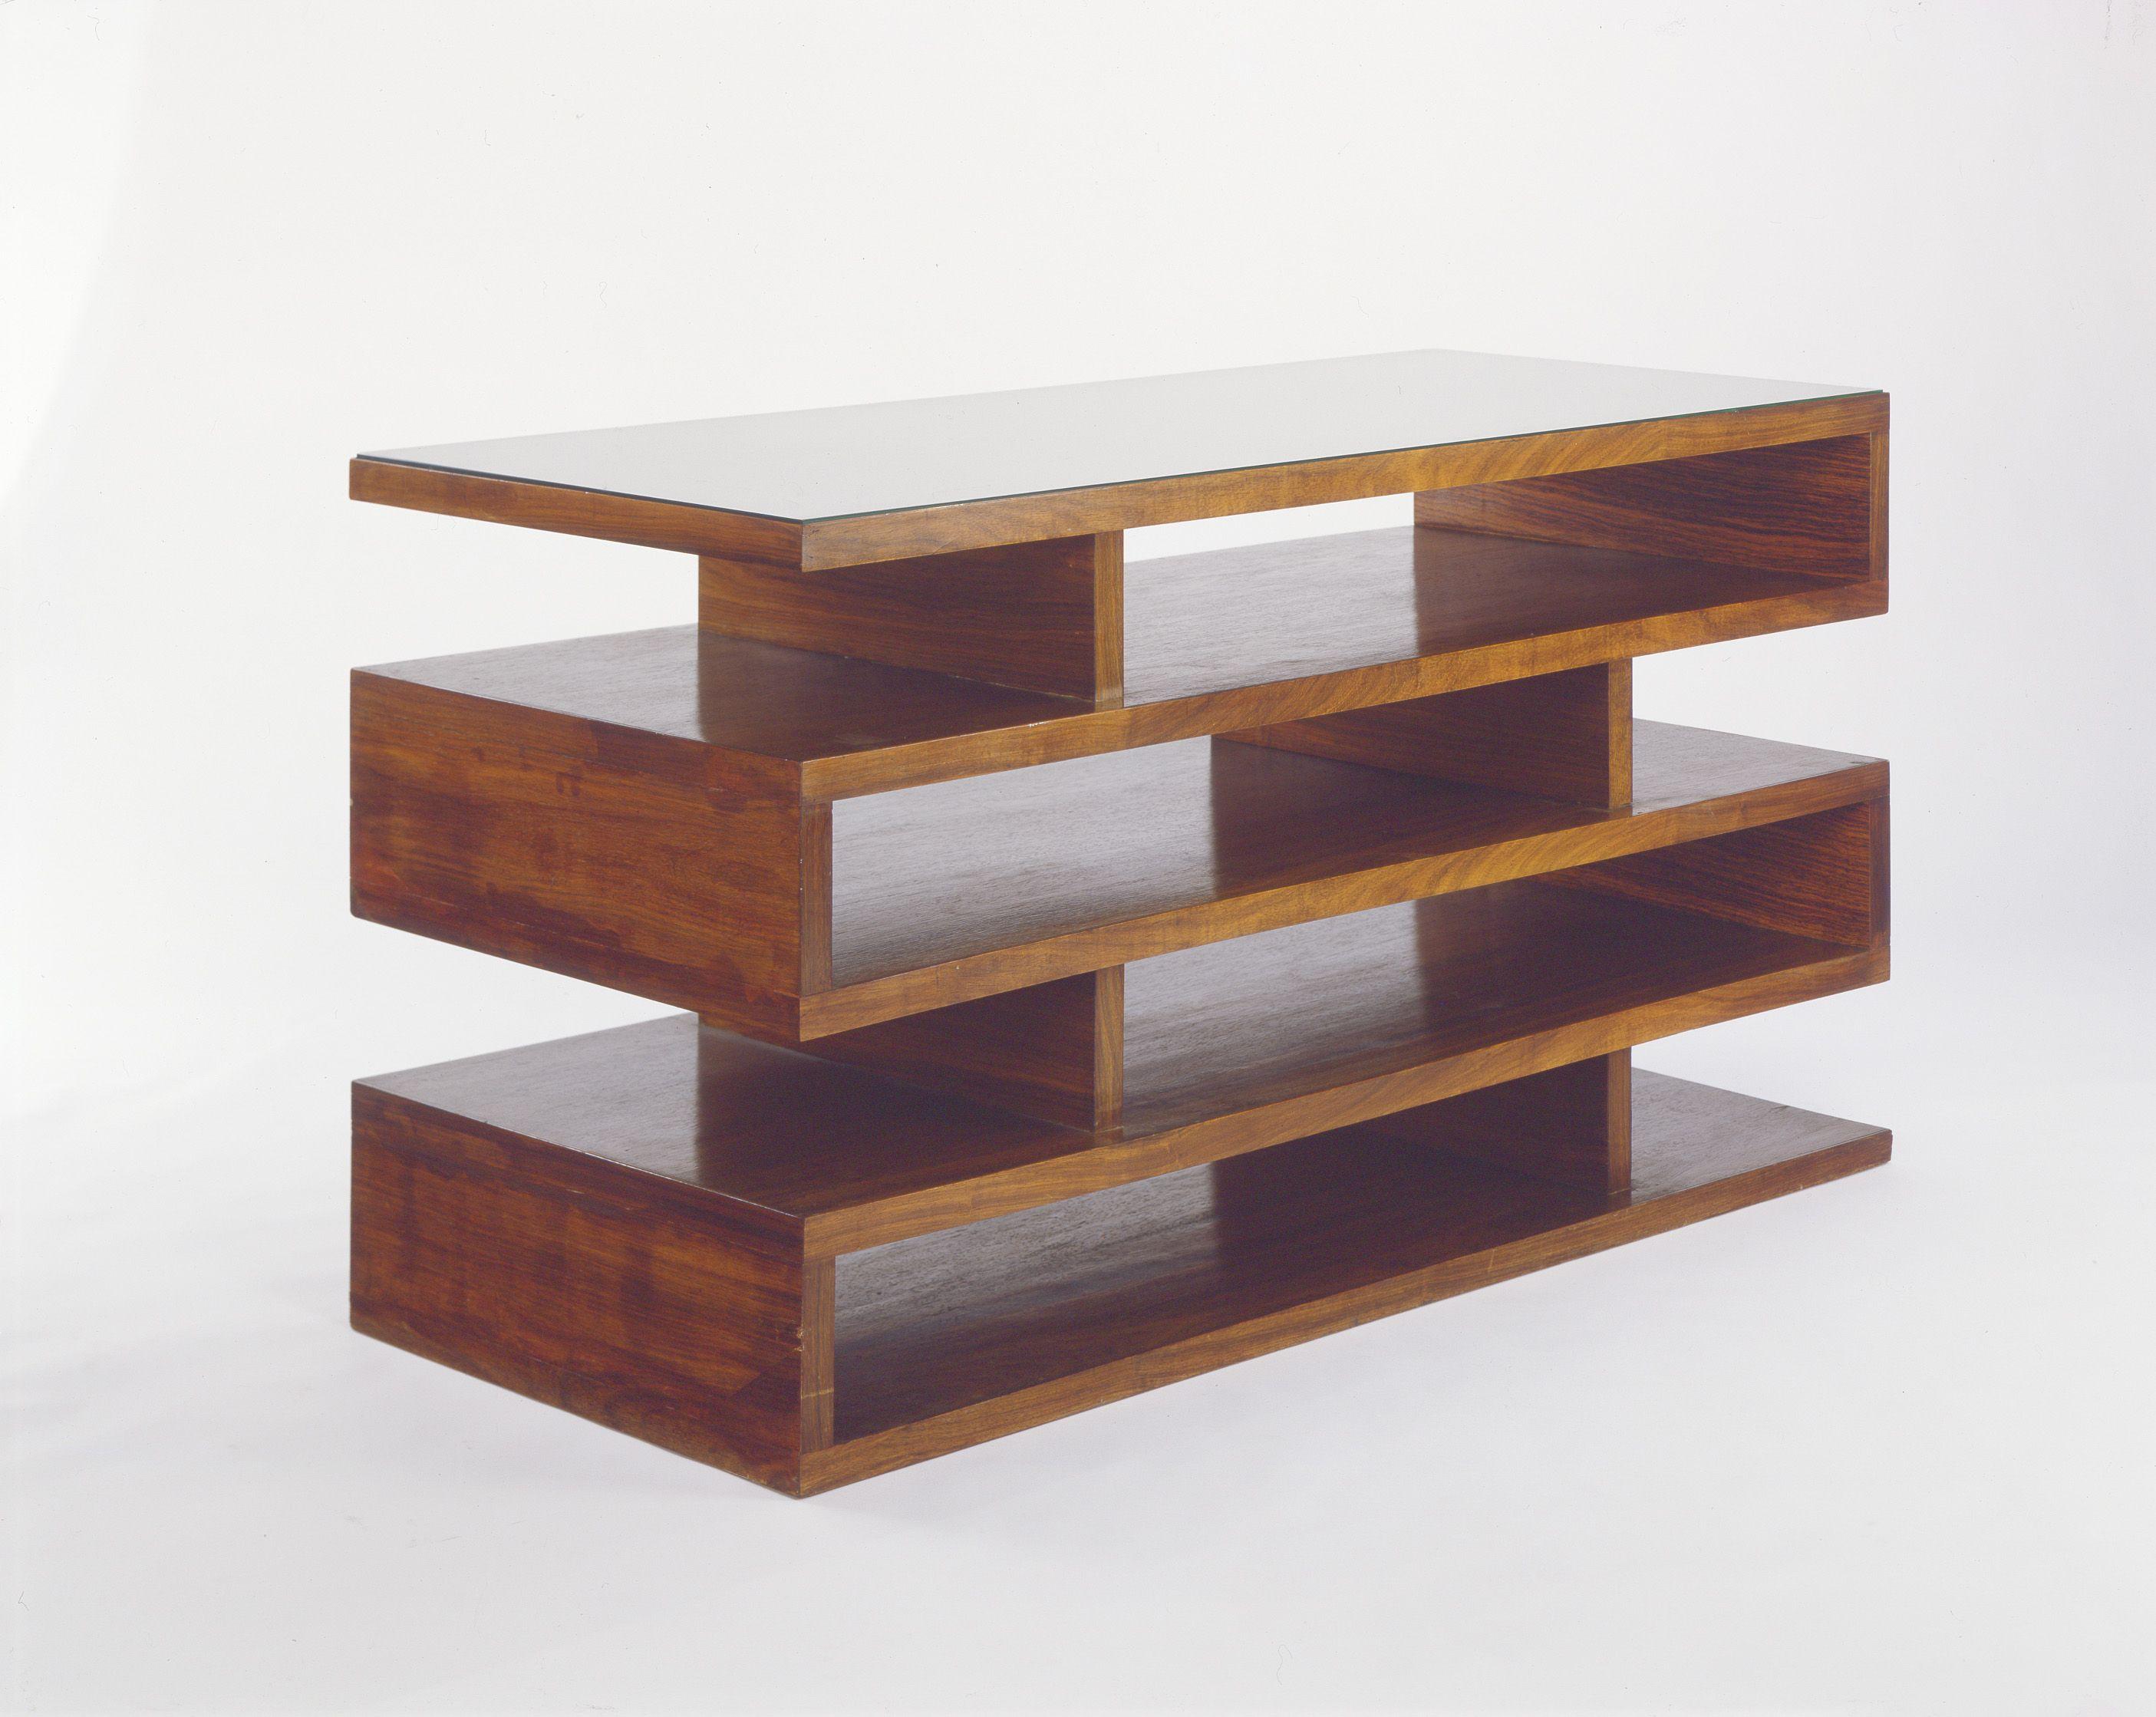 Muebles Bauhaus - Zeitschriftenablage Walter Gropius 1923 Bauhaus Pinterest [mjhdah]http://media.bauhausitaly.com/articoli/fonte/mart_stam_123.jpg